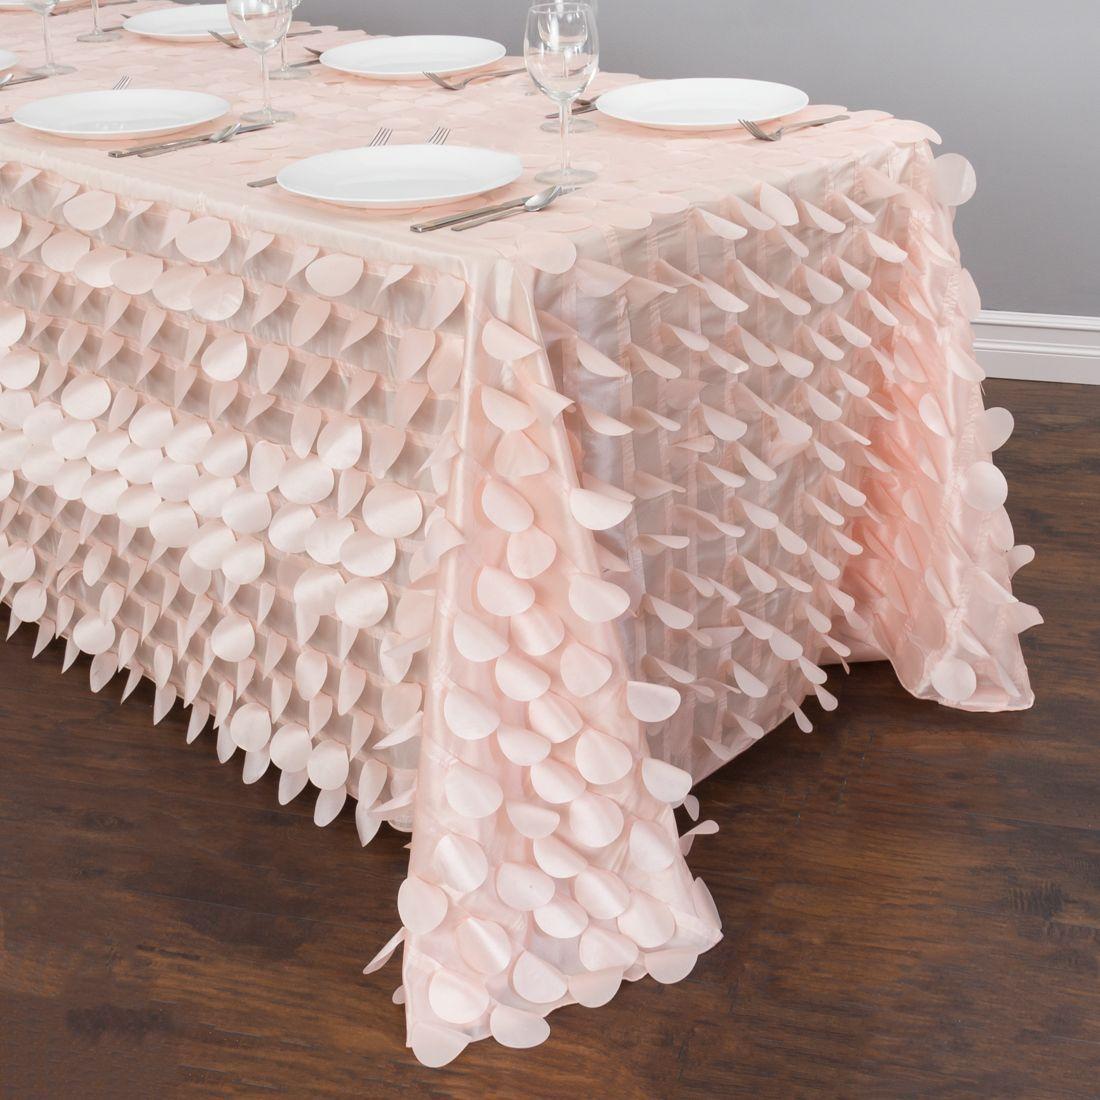 90 X 156 In Rectangular Petal Tablecloth Blush Pink Blush Pink